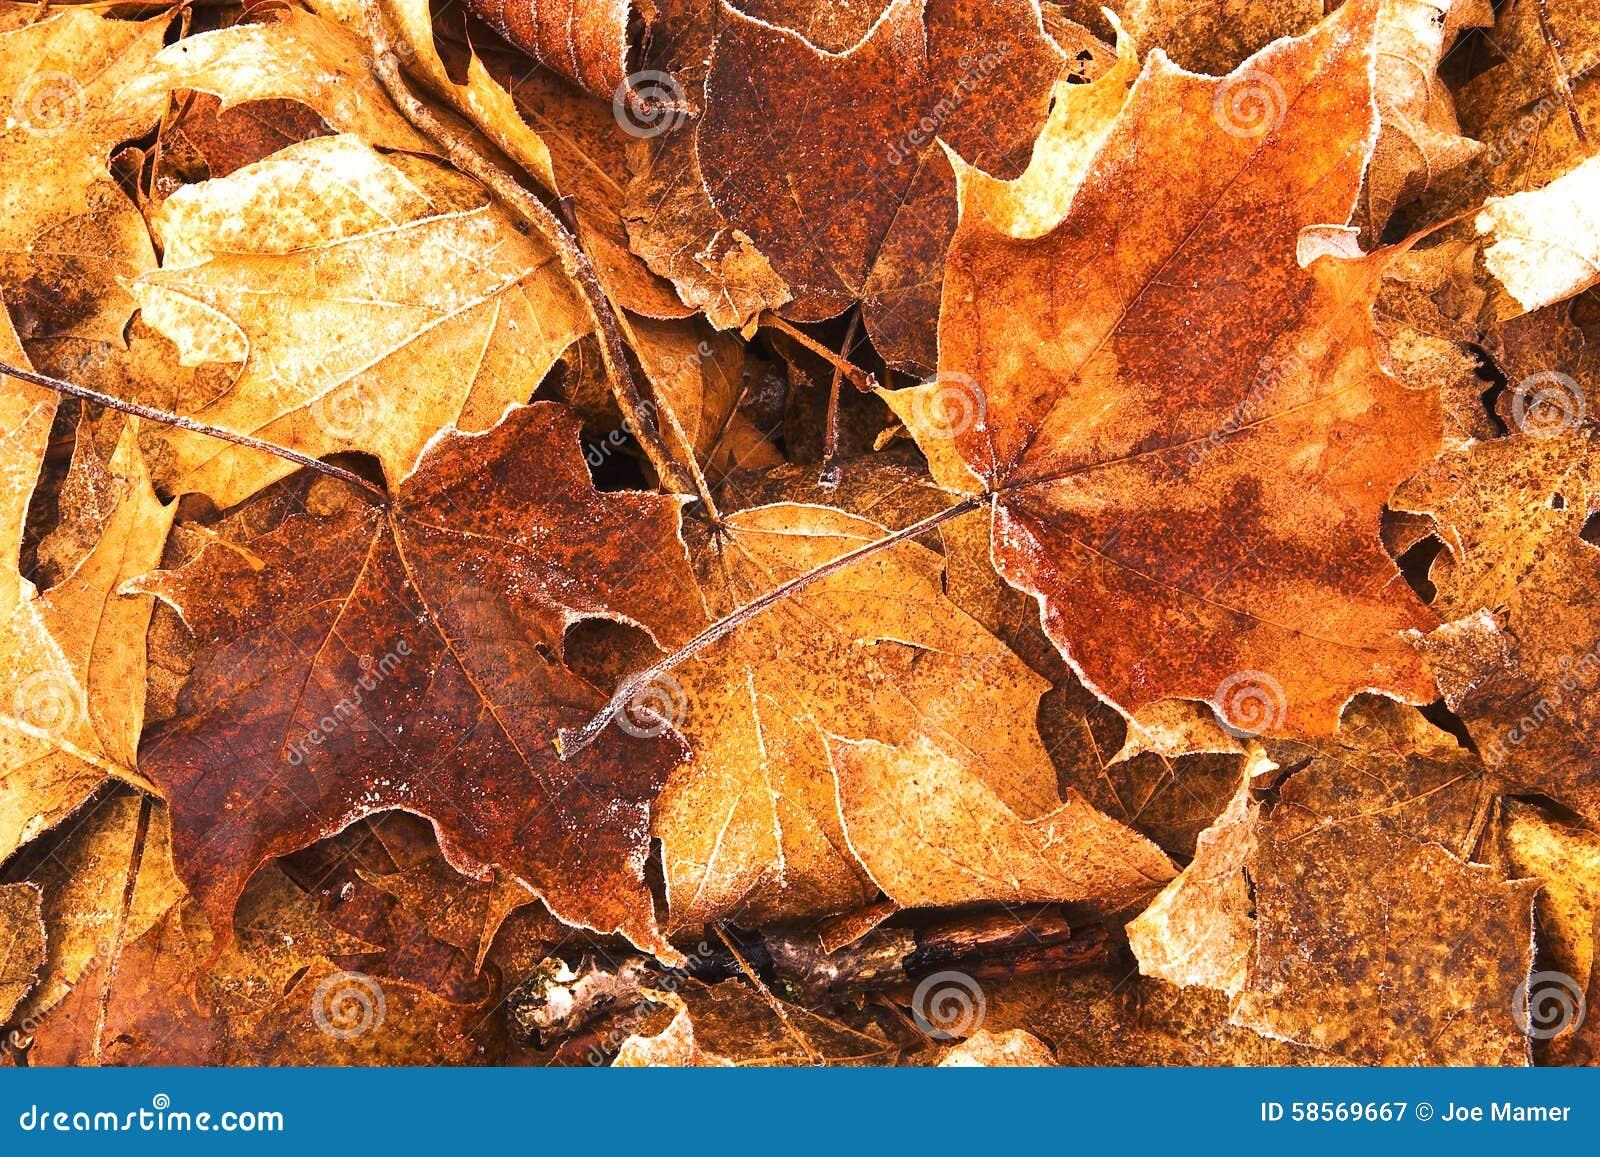 Beeld van Gevallen Esdoornbladeren